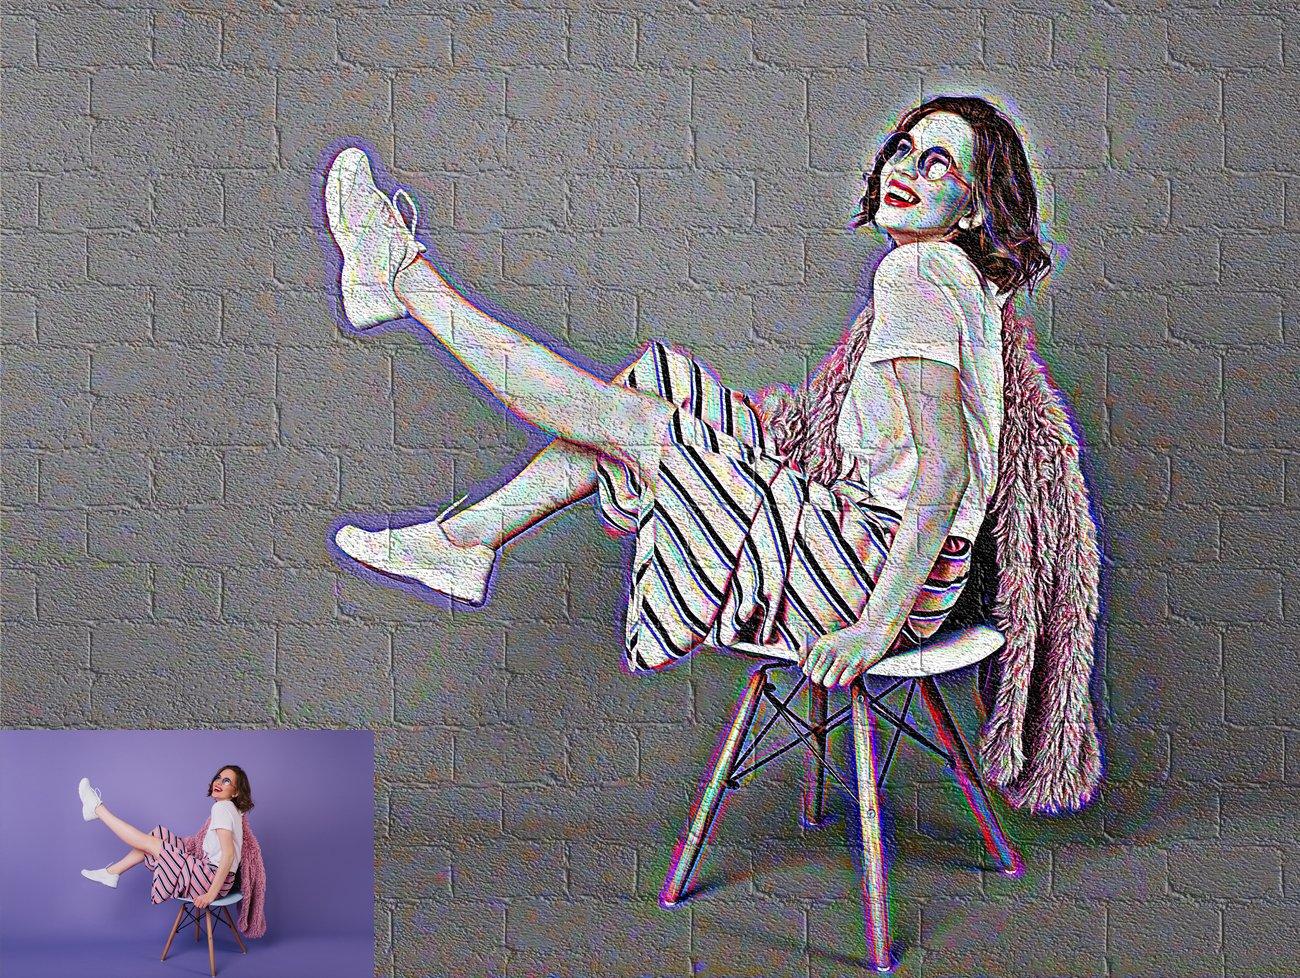 涂鸦艺术照片处理特效PS动作模板 Graffiti Art Photoshop Action插图15